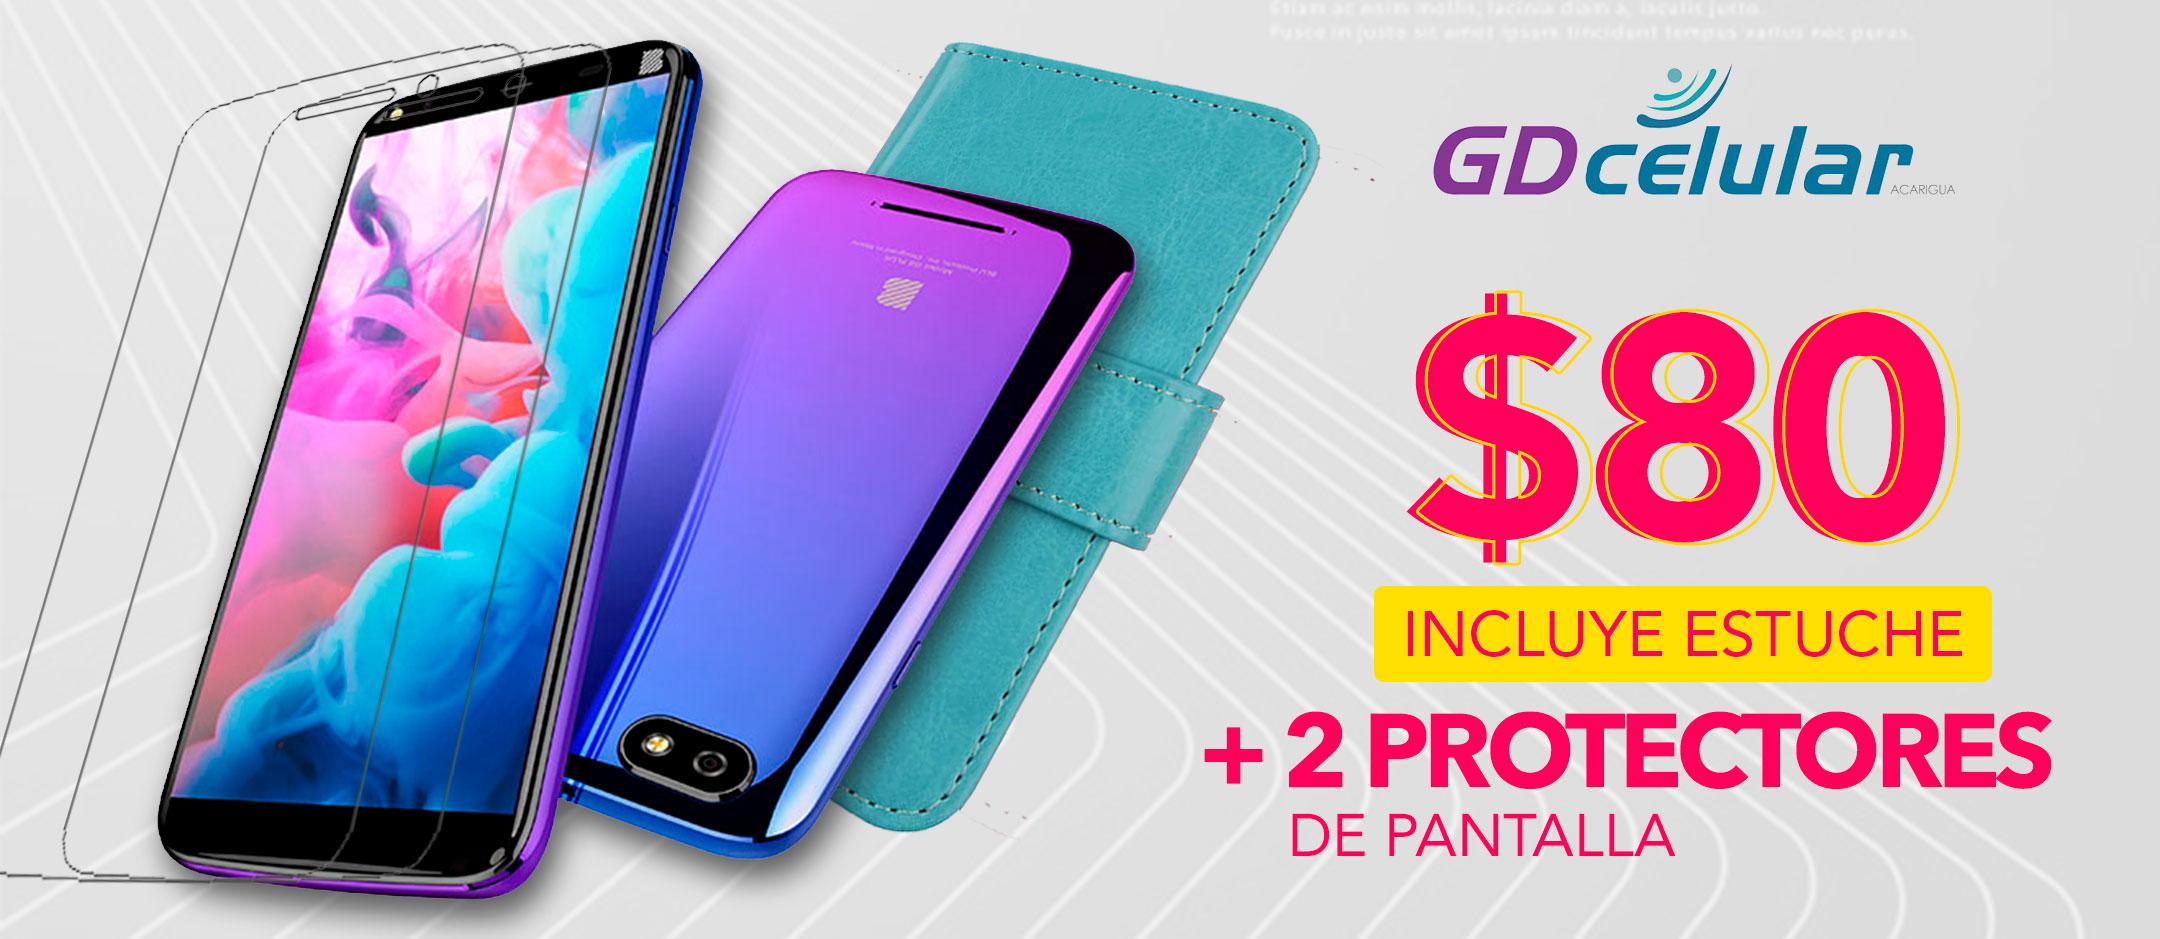 15 Promo GD-Celular